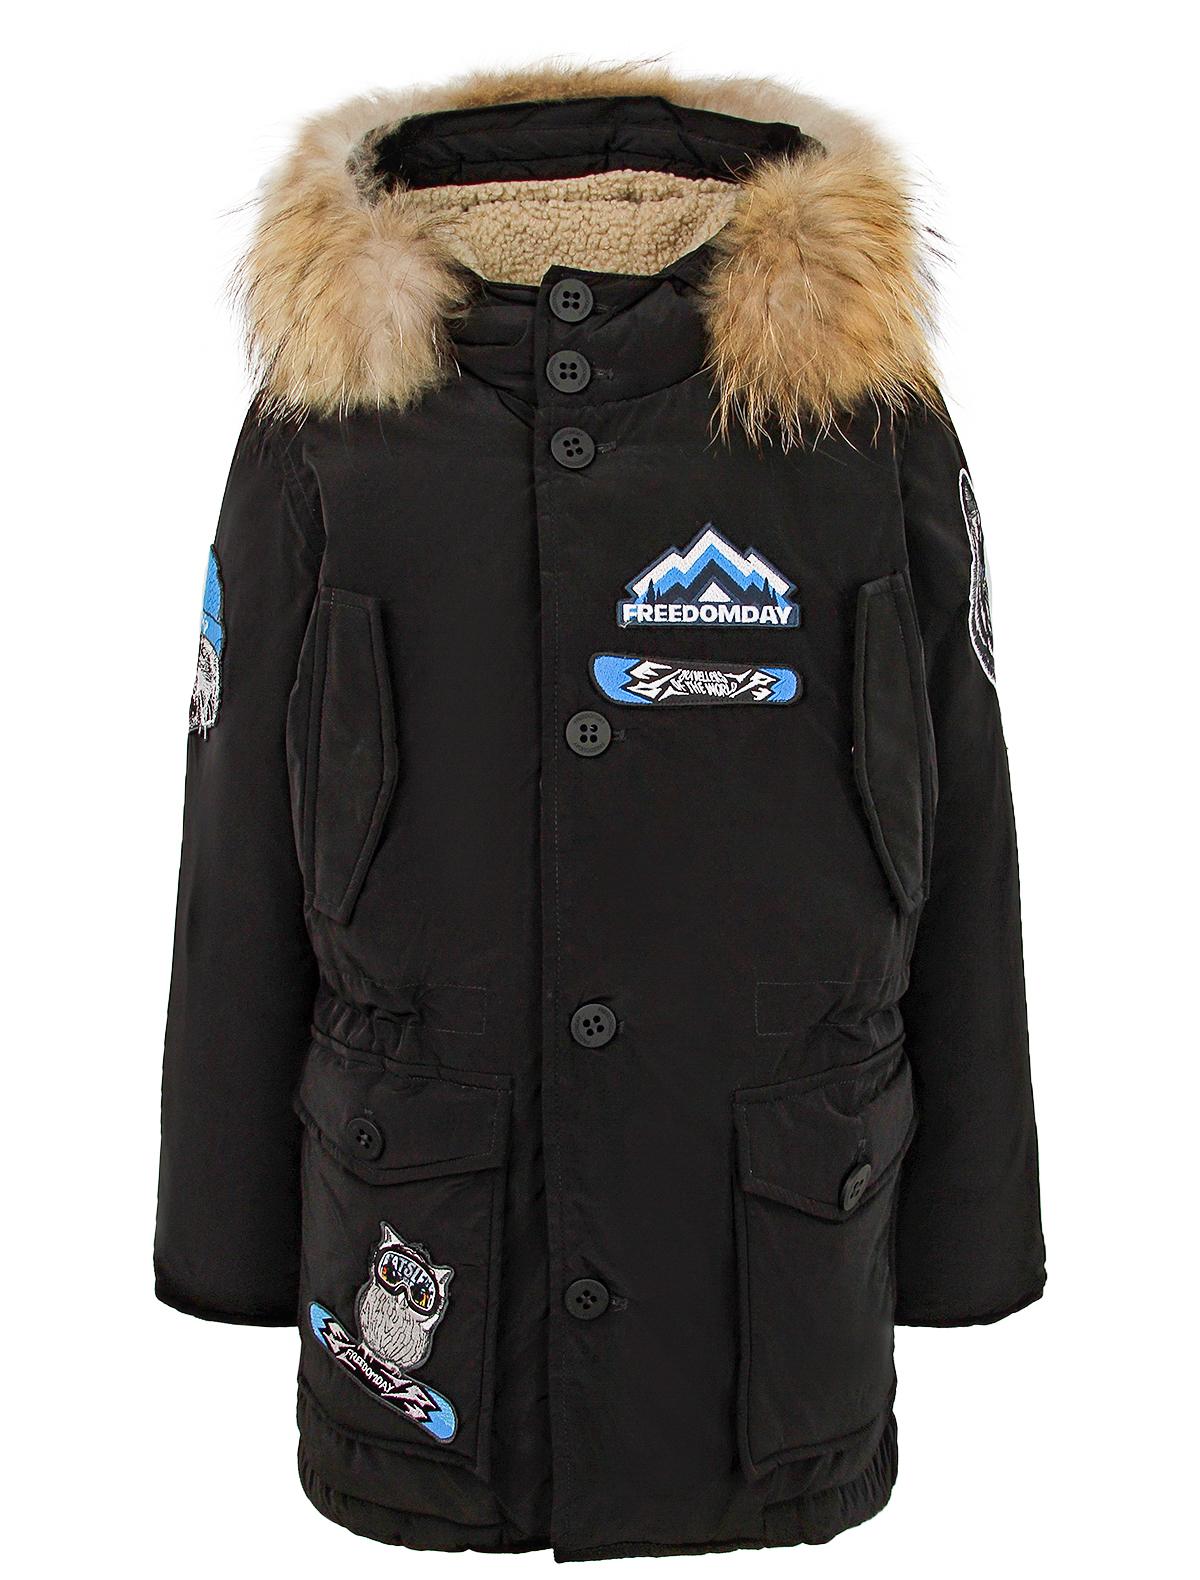 2342494, Куртка FREEDOMDAY, черный, Мужской, 1074519181467  - купить со скидкой